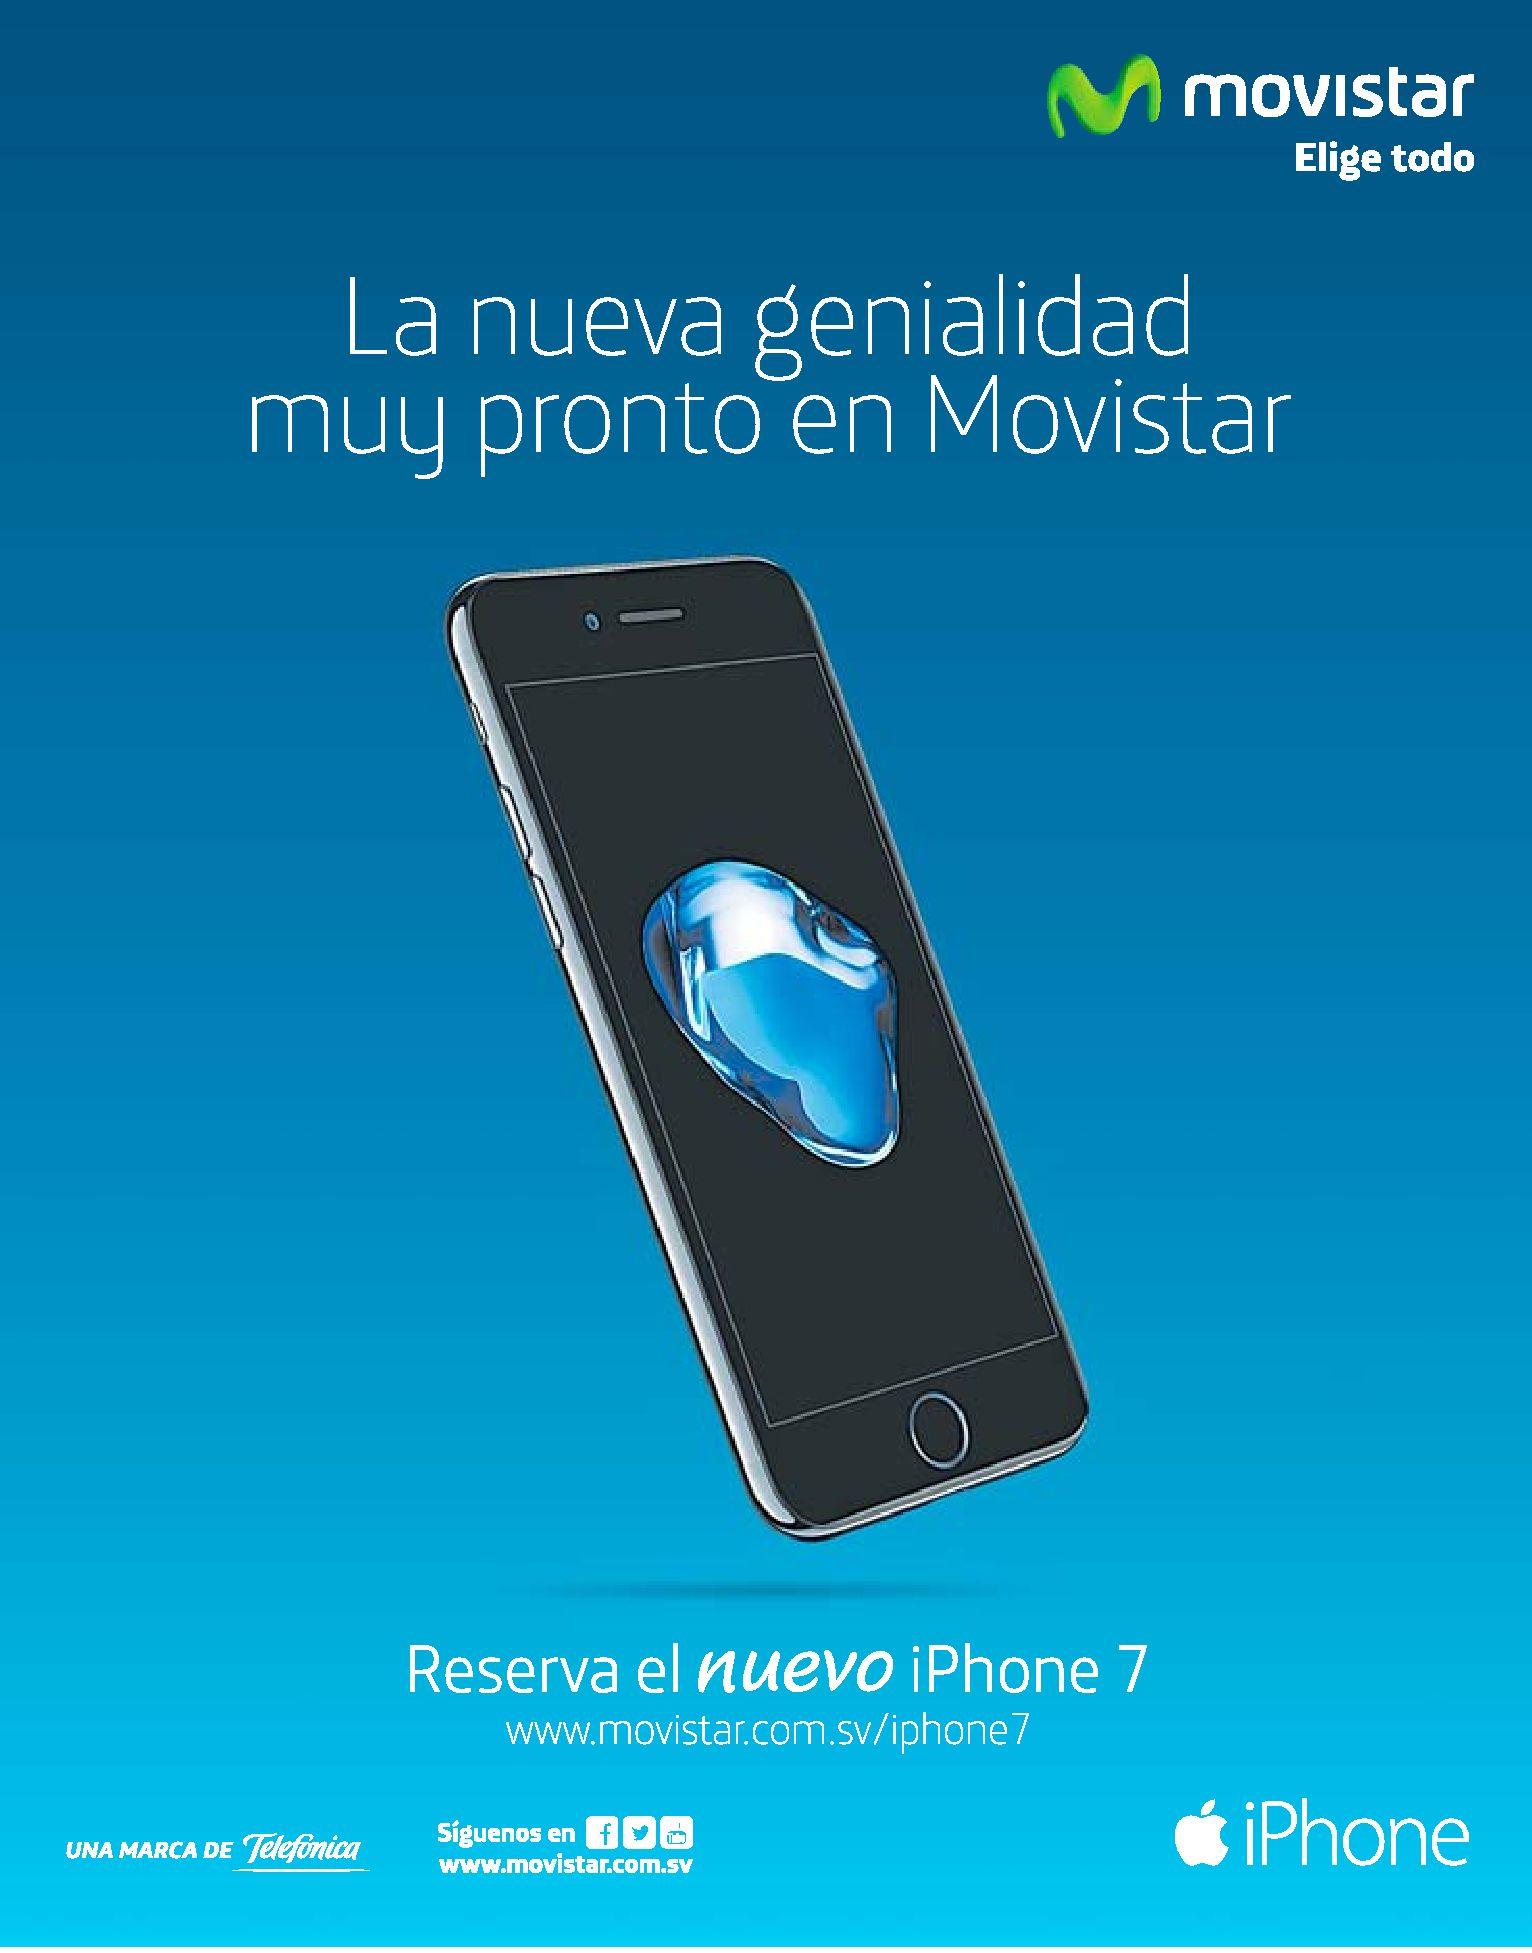 new-iphone-7-en-movistar-el-salvador-reservalo